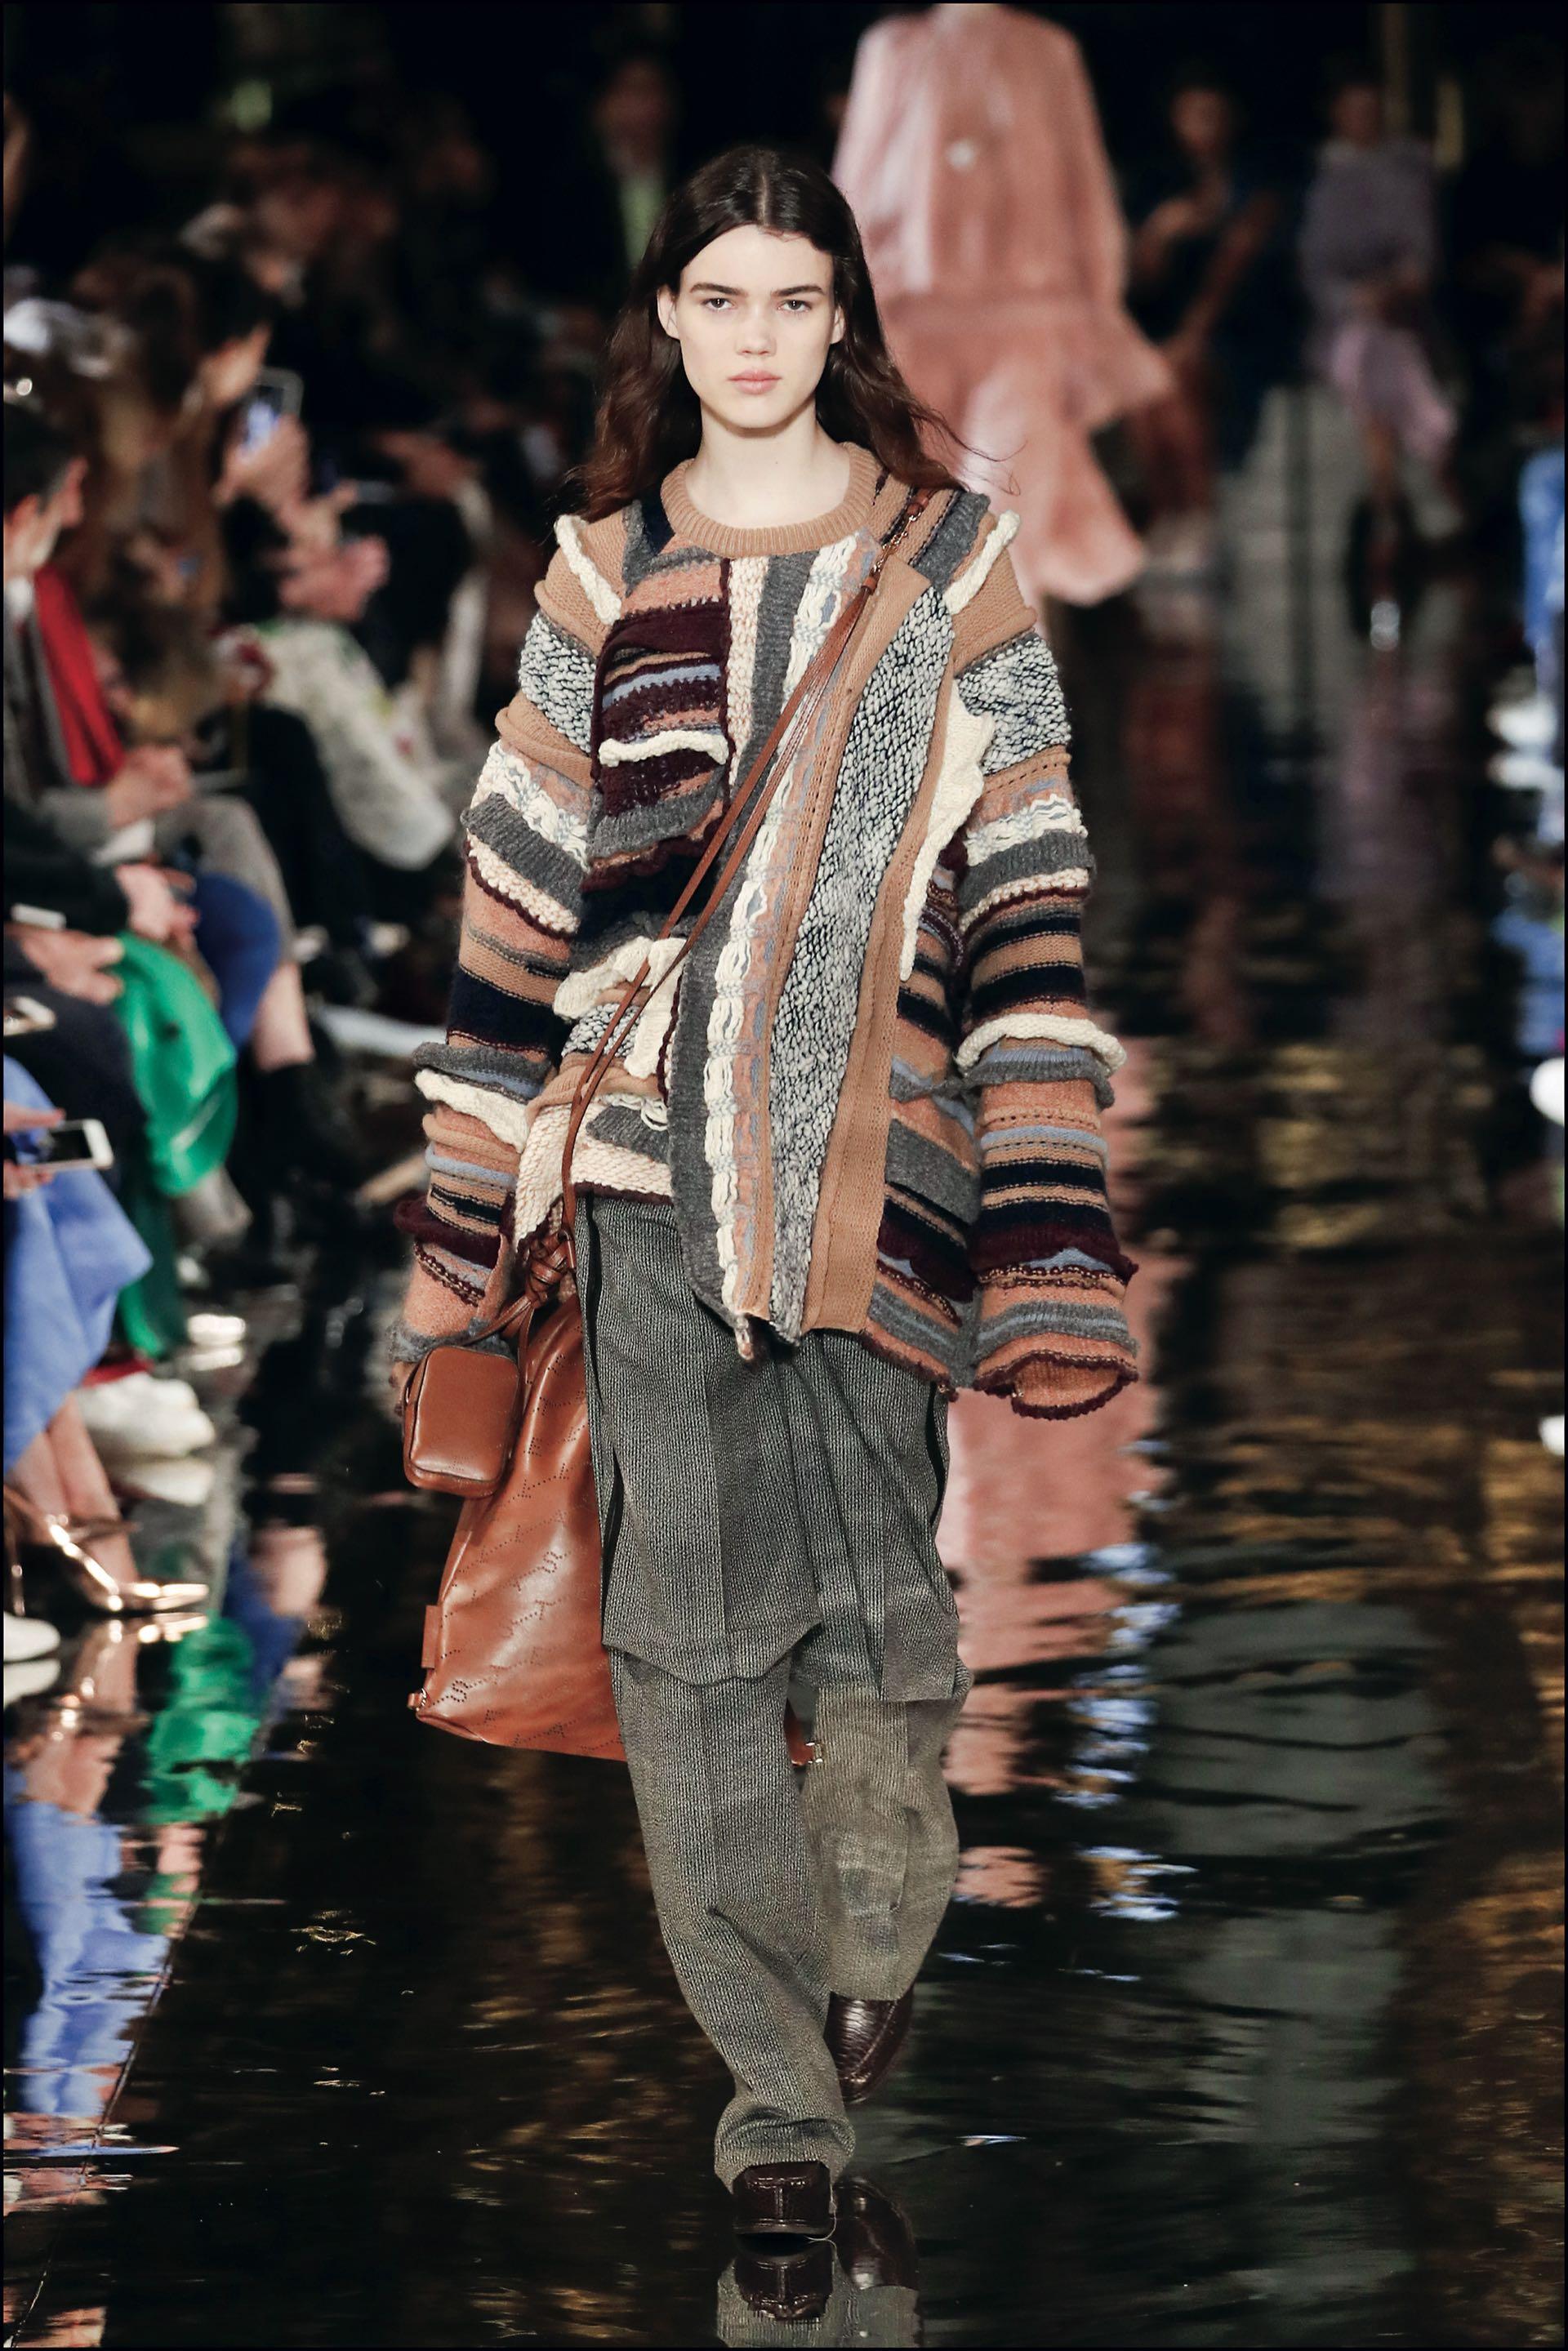 Pantalones masculinos, largos abrigos y una mezcla de tejidos (lana y seda, tweed y encaje) fueron los must de la colección.